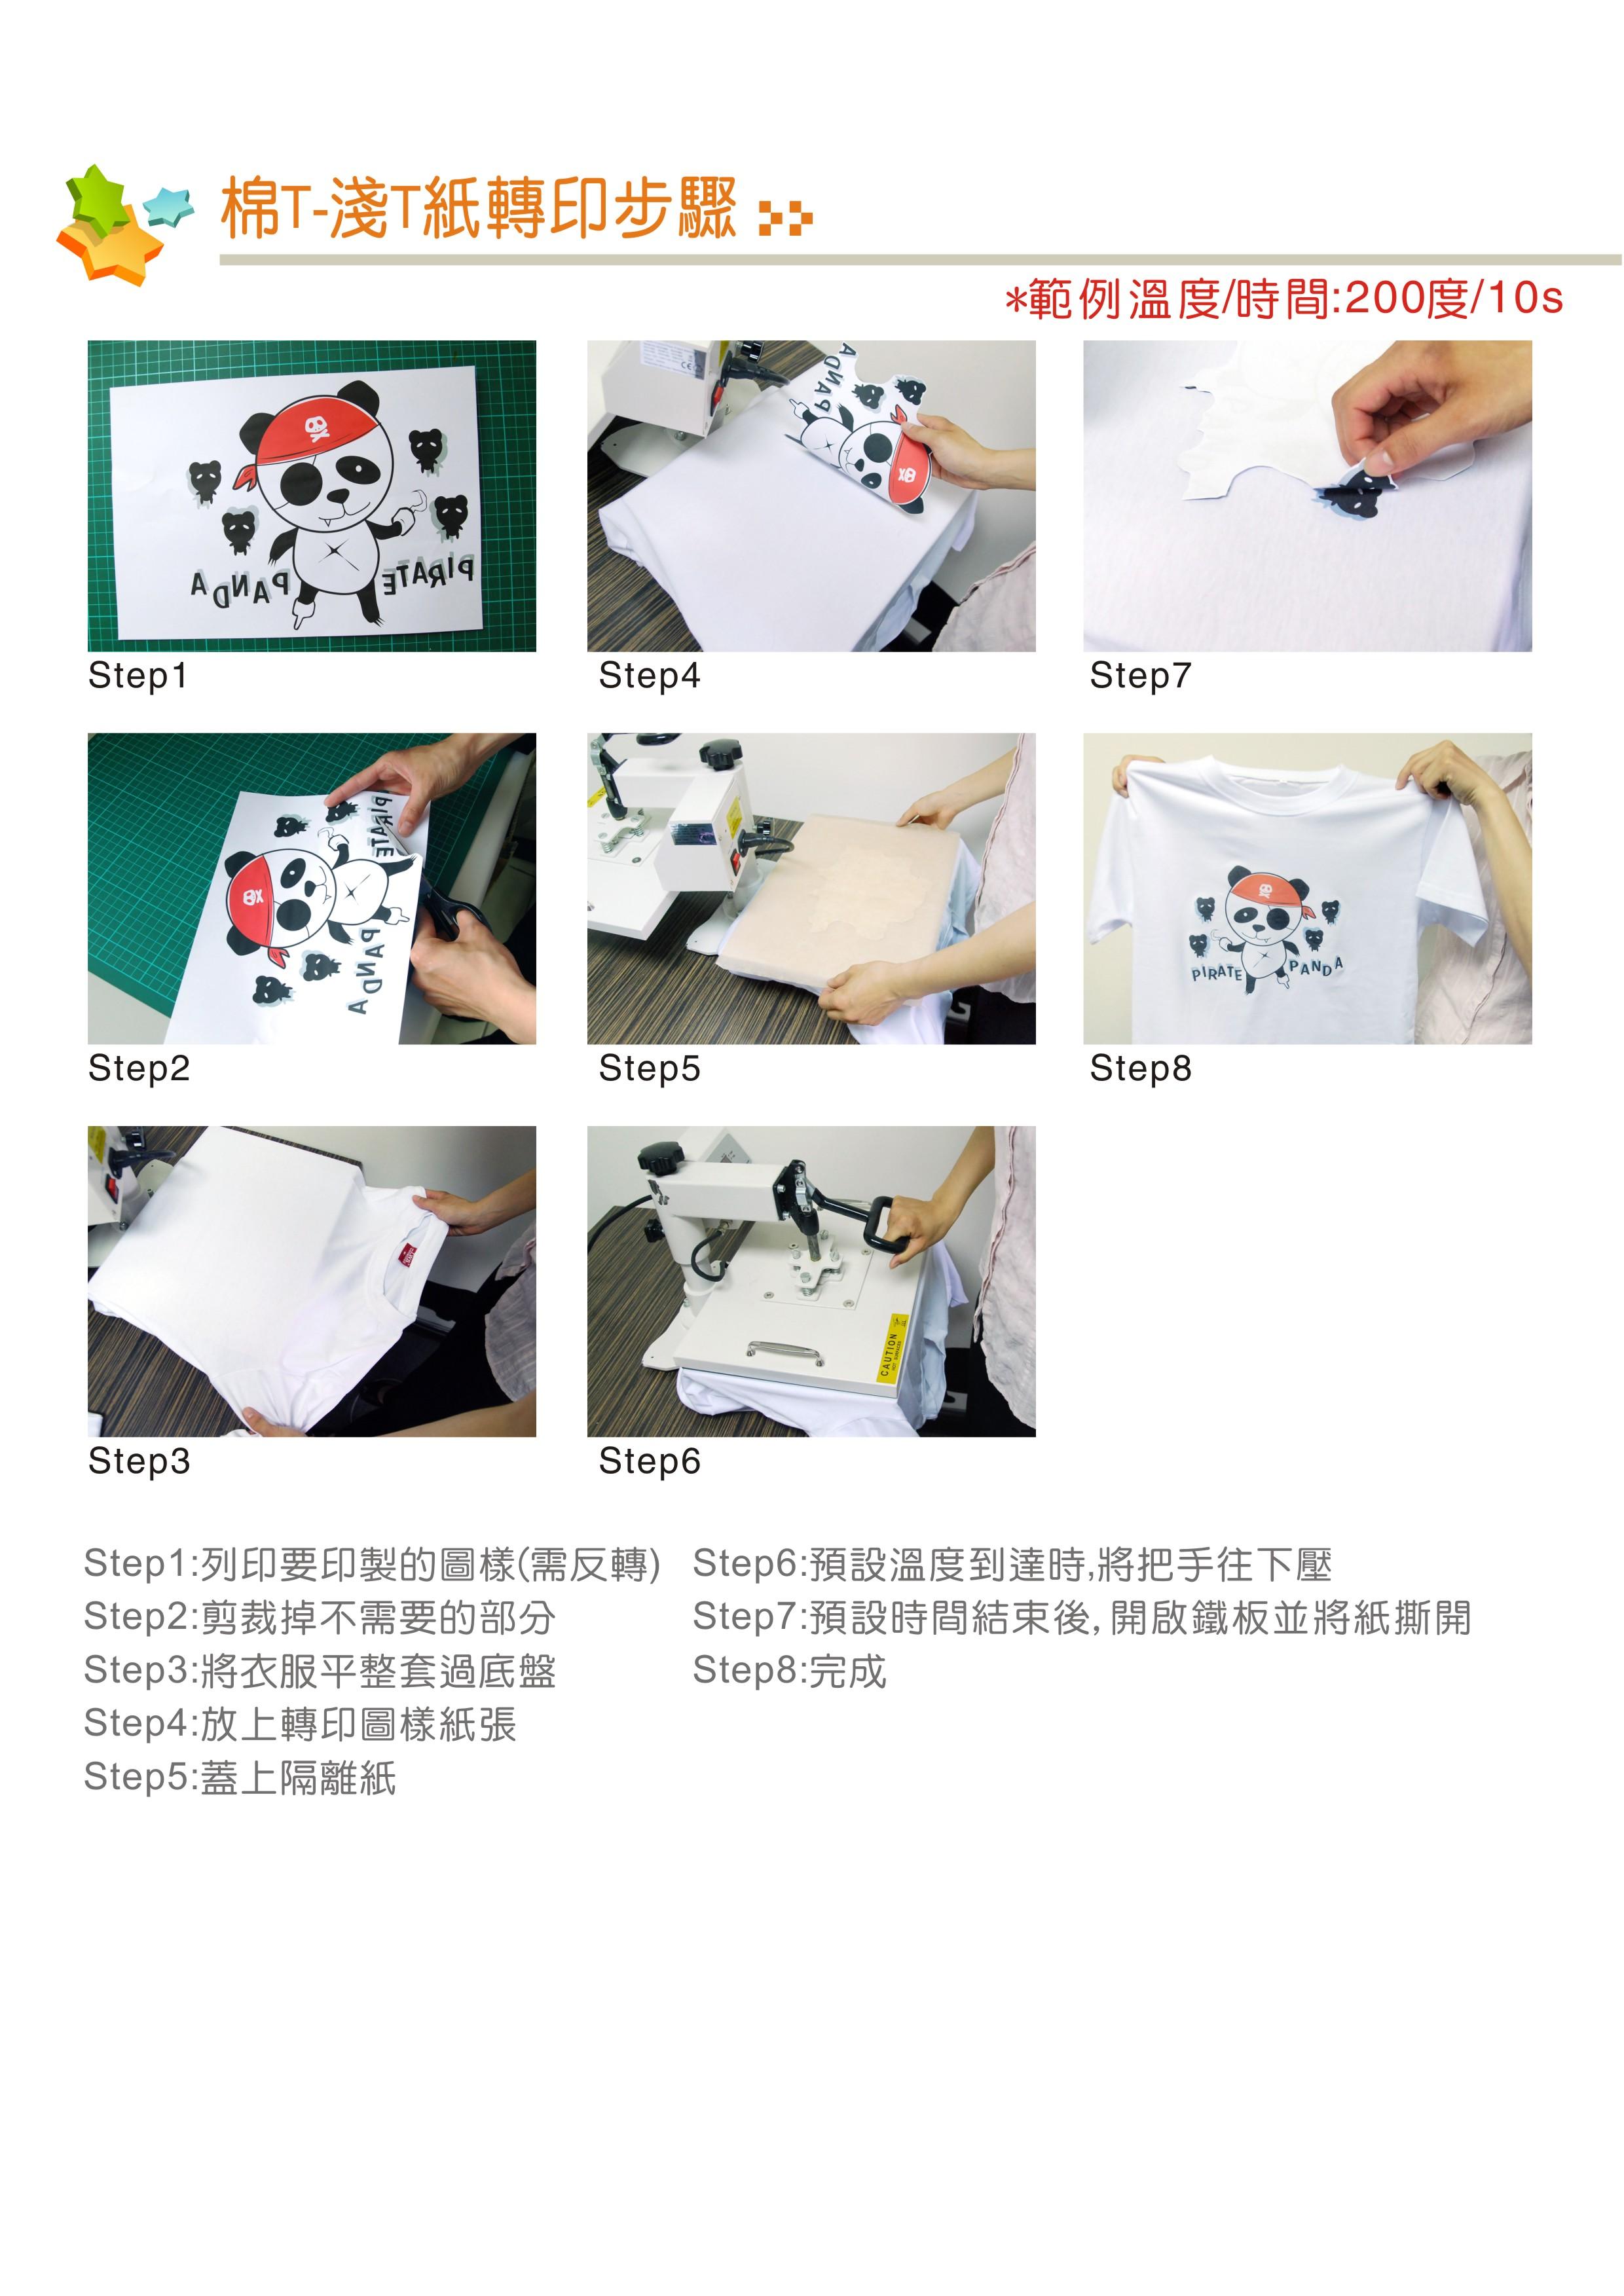 棉質布料T-shirt轉印紙轉印過程